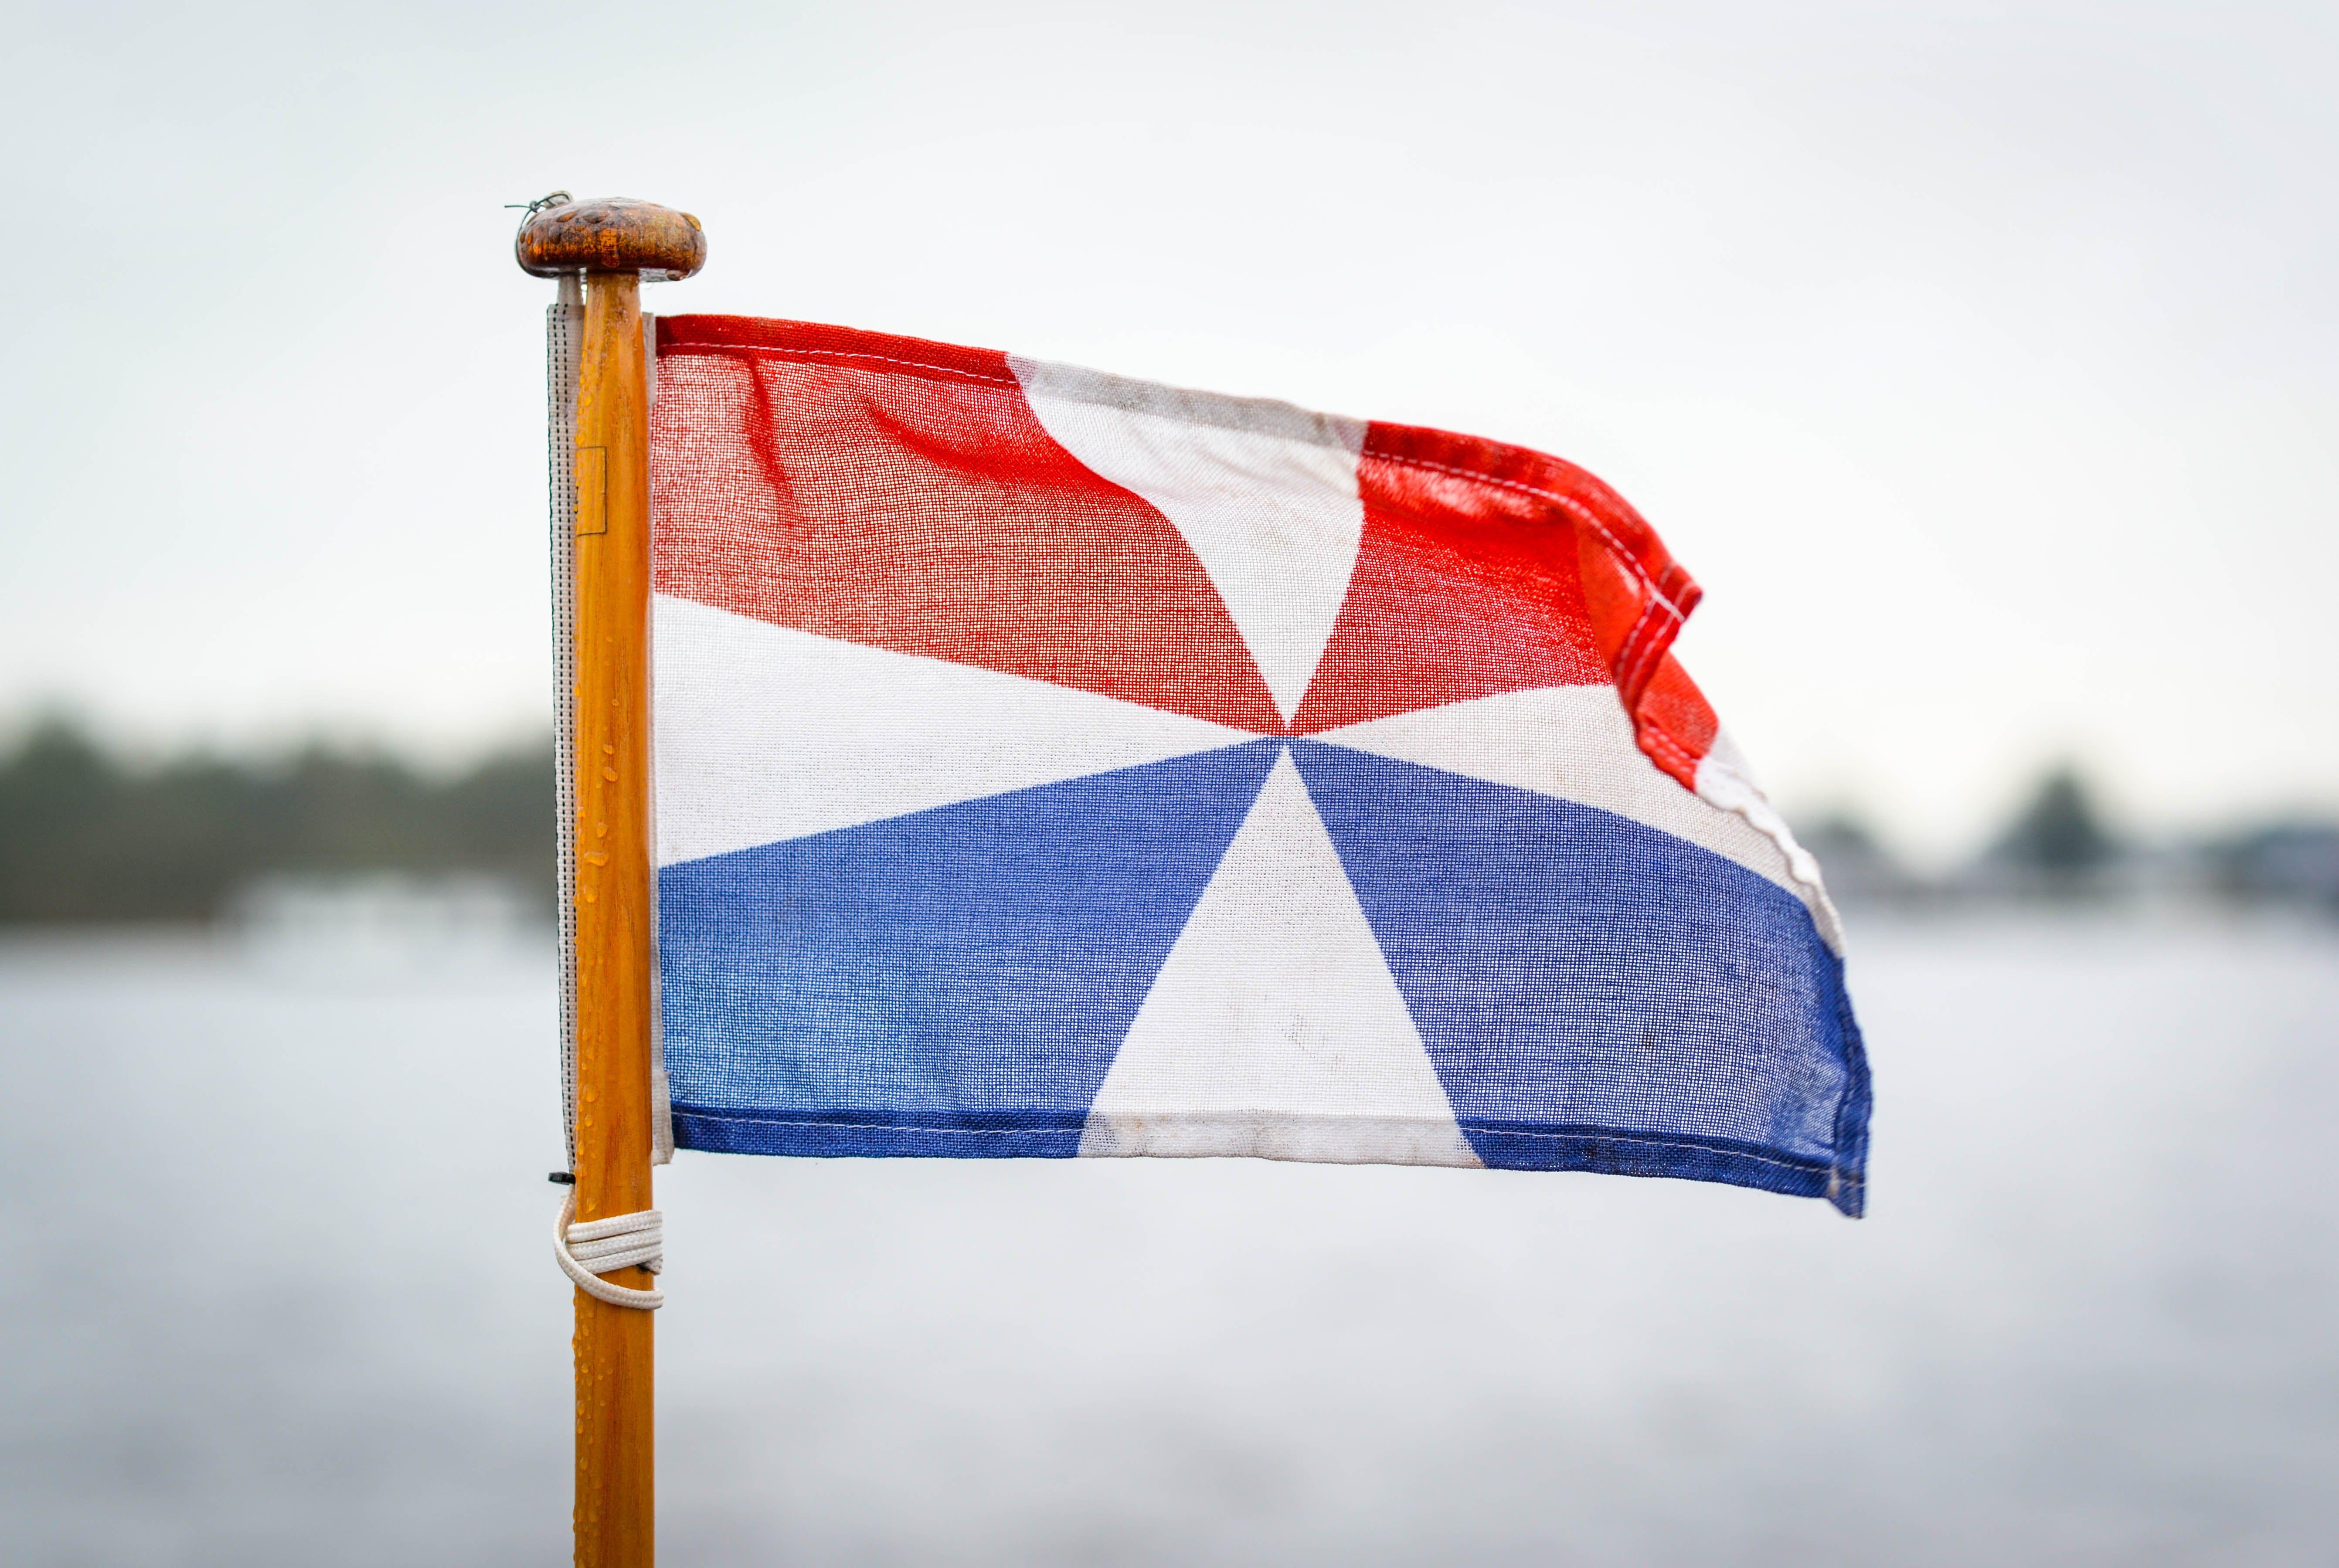 Kostenloses Stock Foto zu banner, bundesland, draußen, emblem